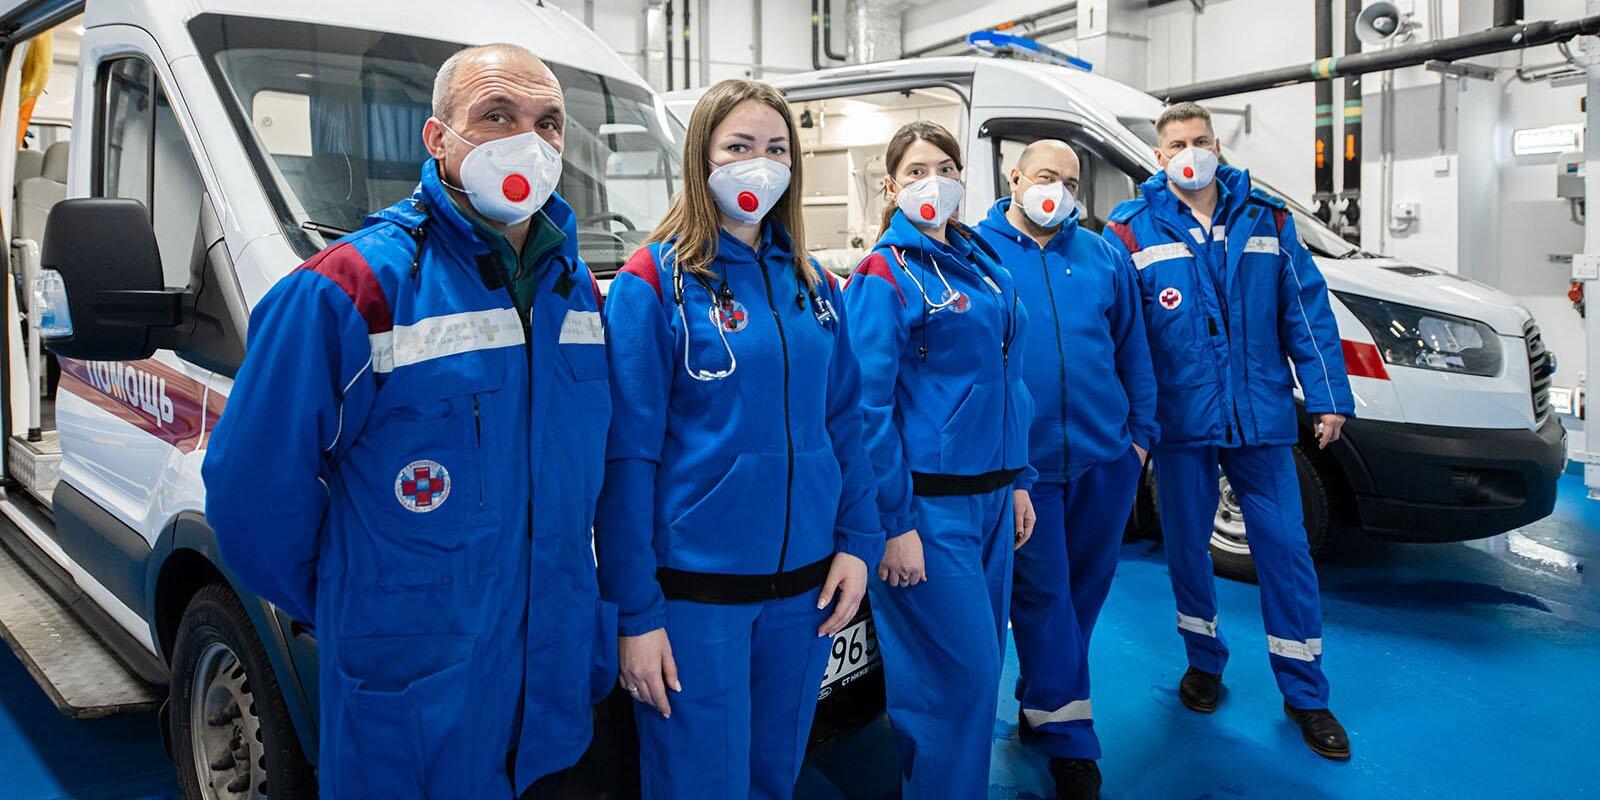 Сергей Собянин: В Москве есть запас коечного фонда для оказания помощи пациентам с COVID-19